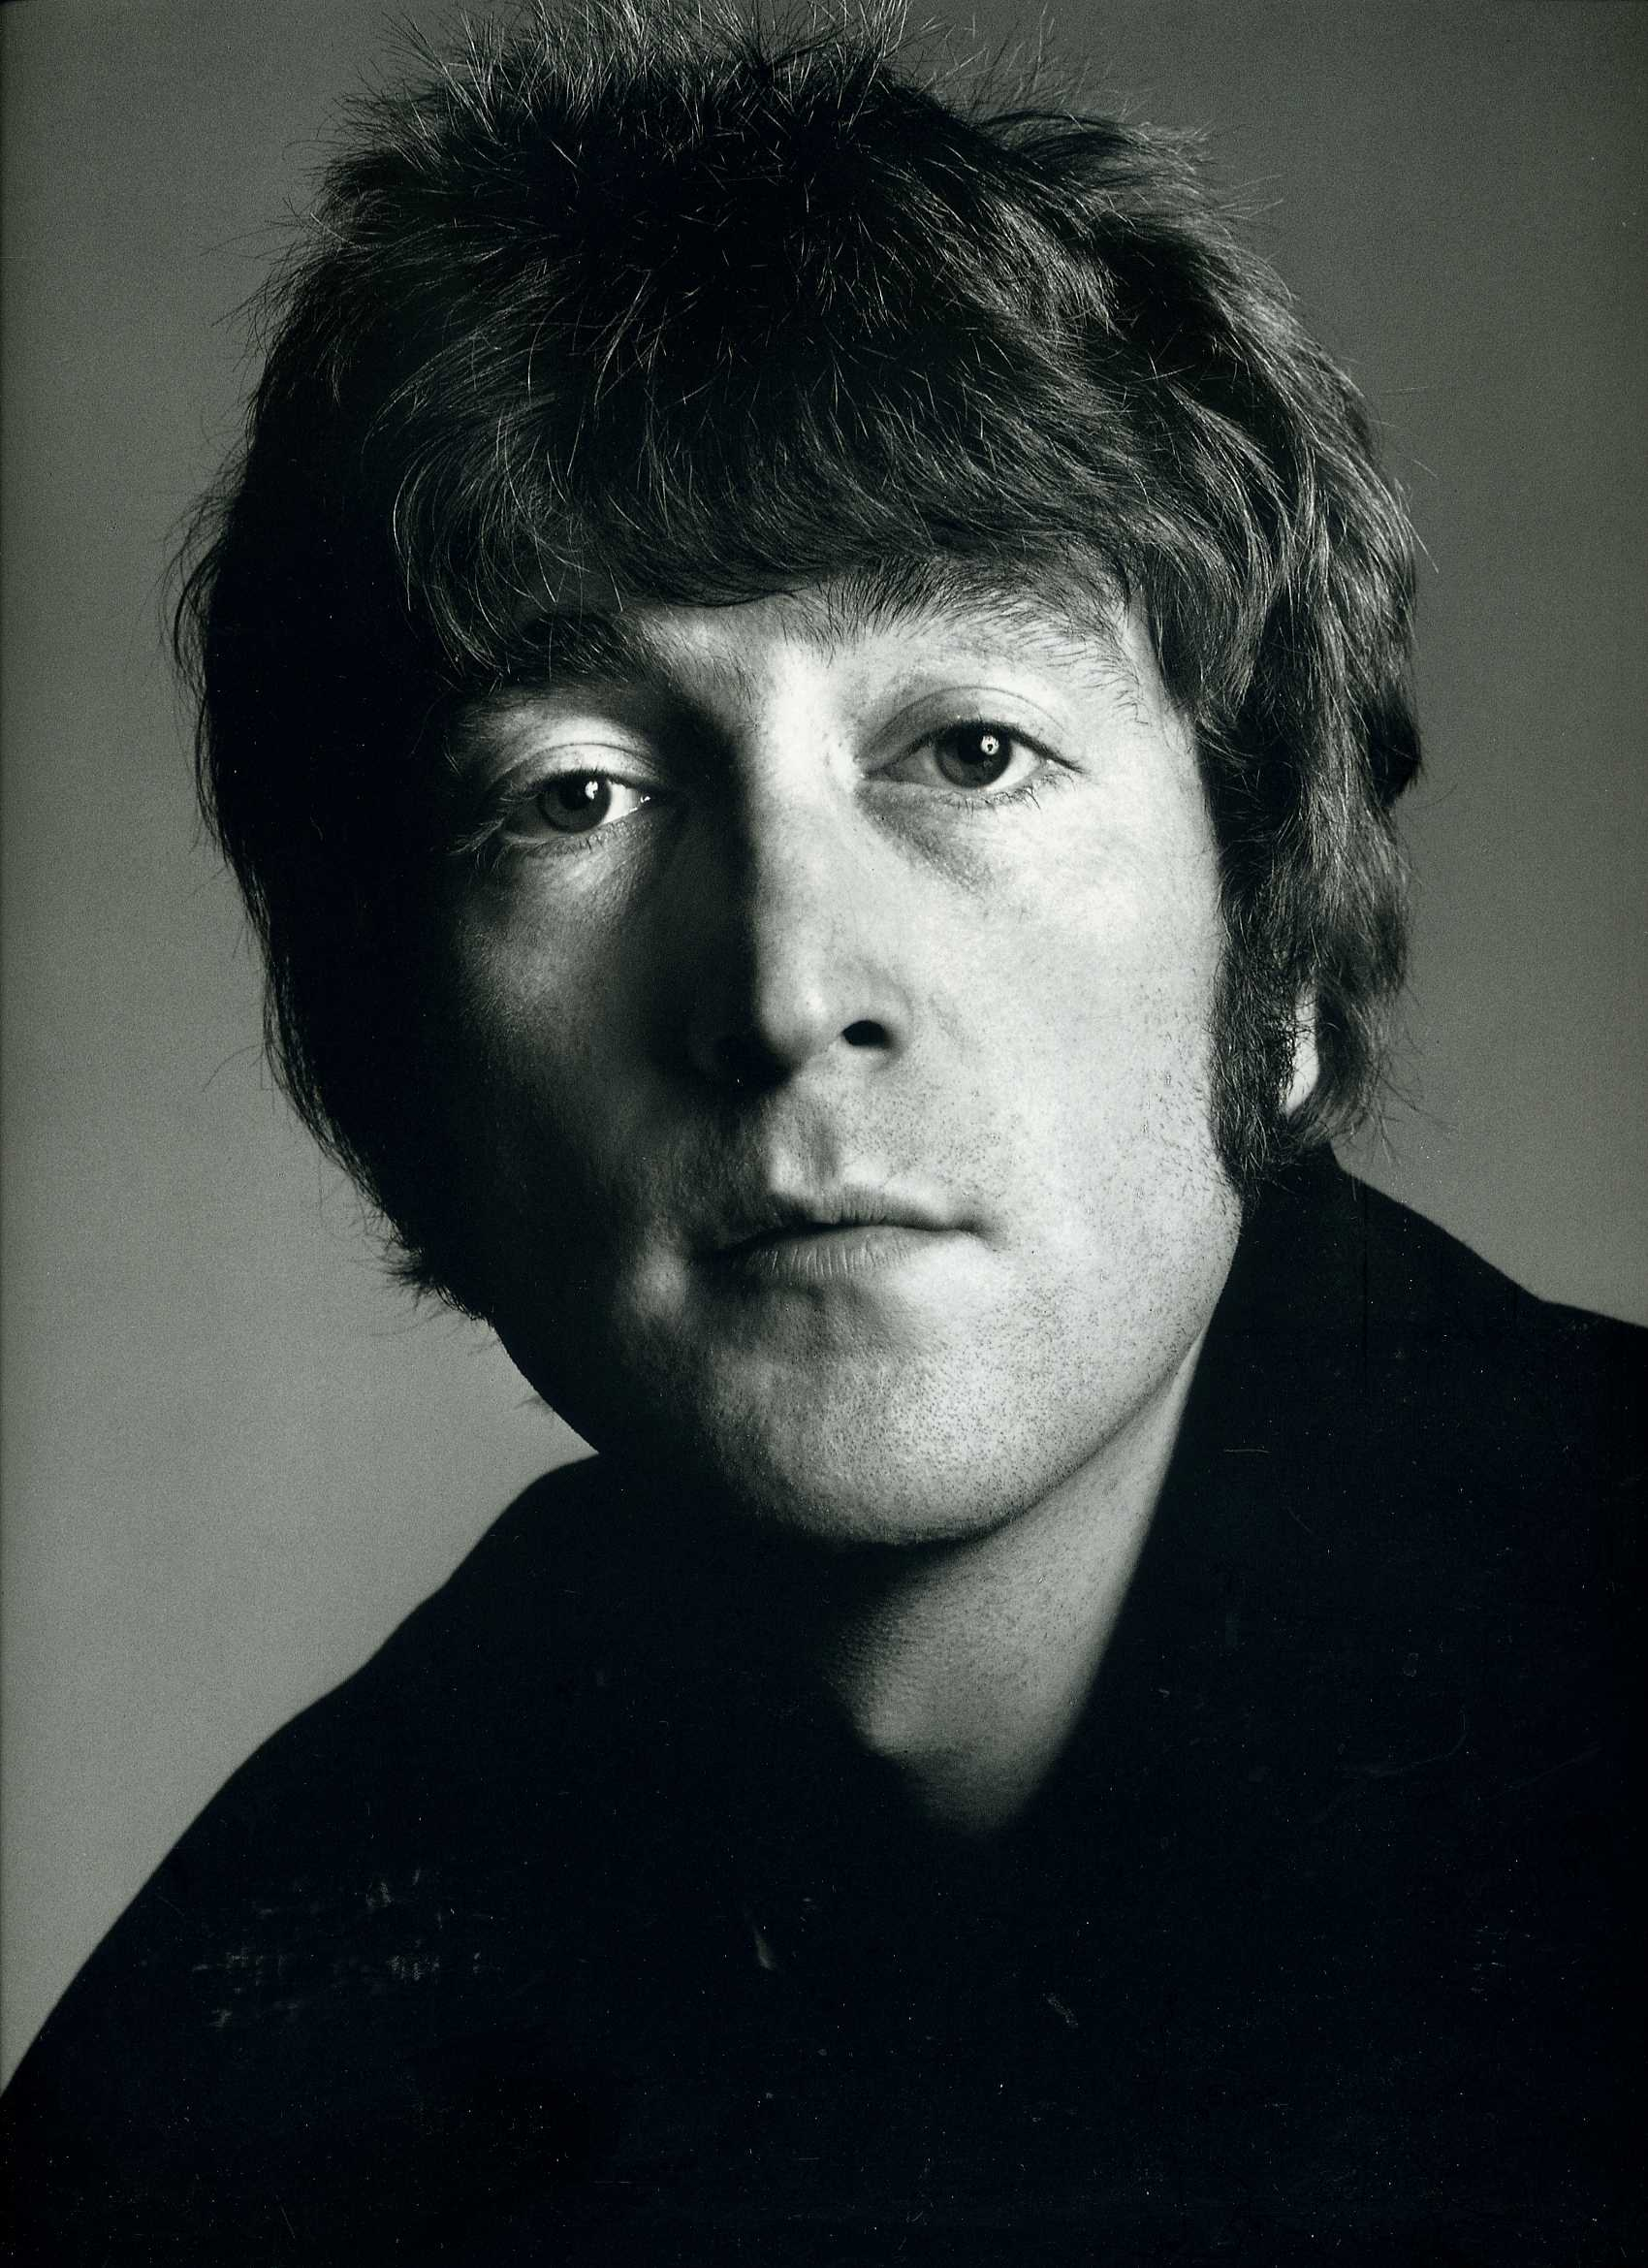 J.Lennon